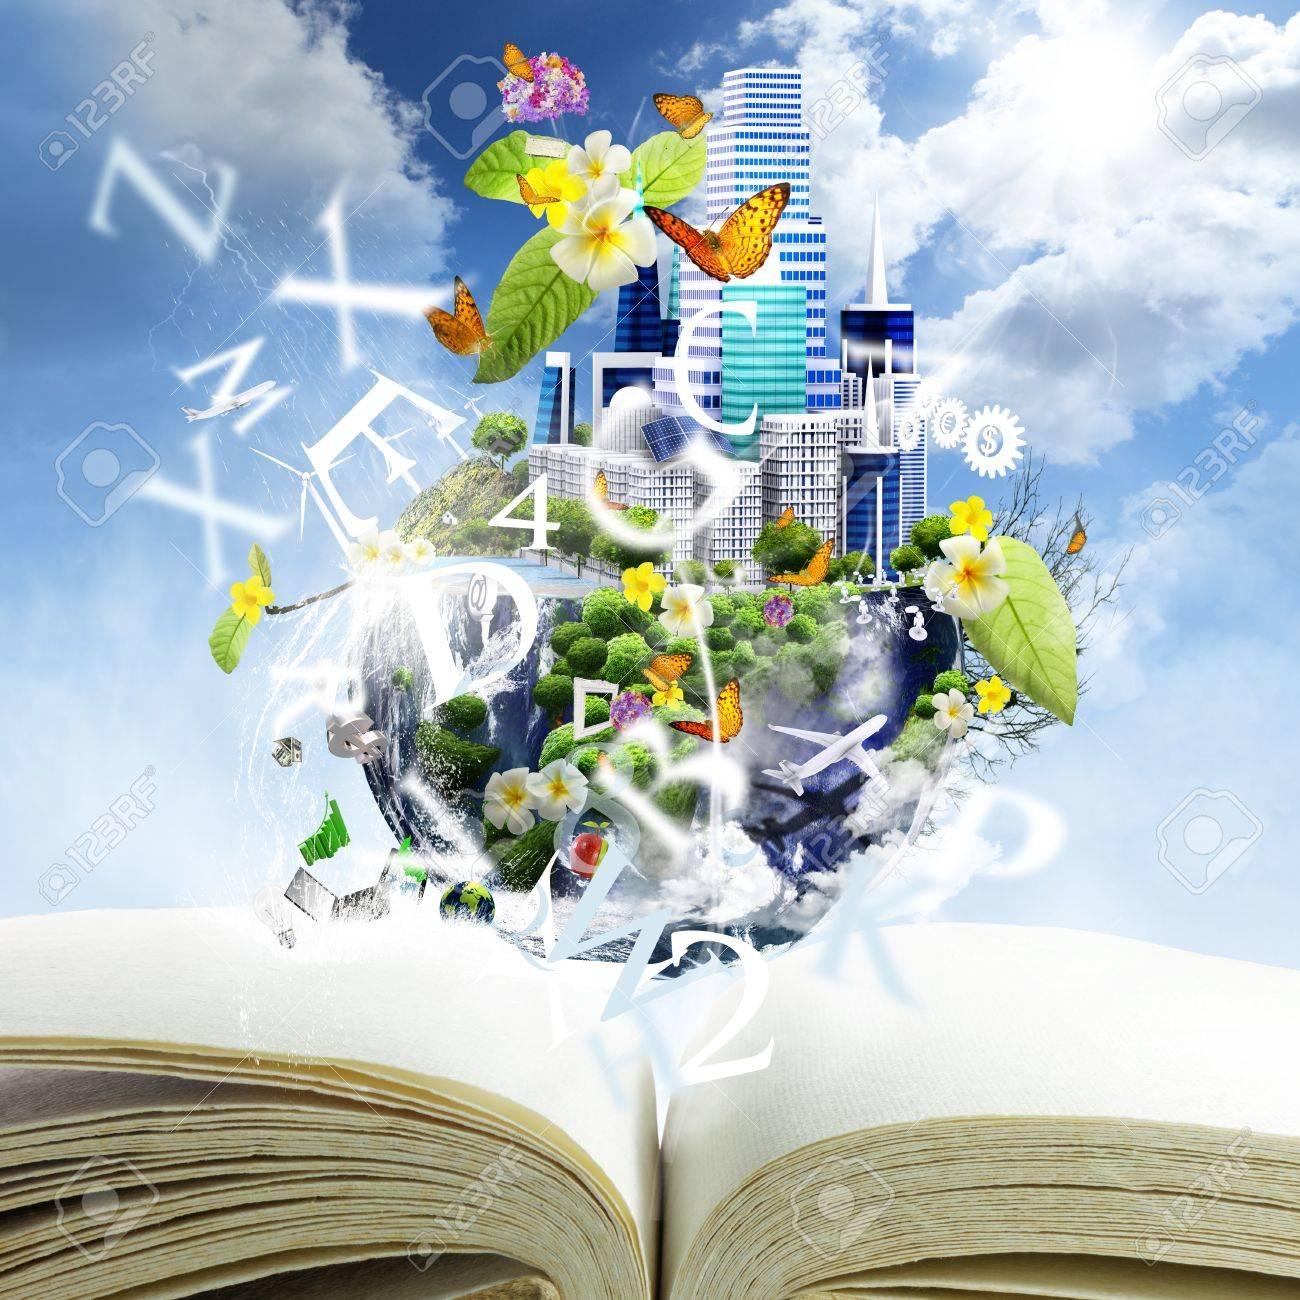 open book with world season concept - 16097607